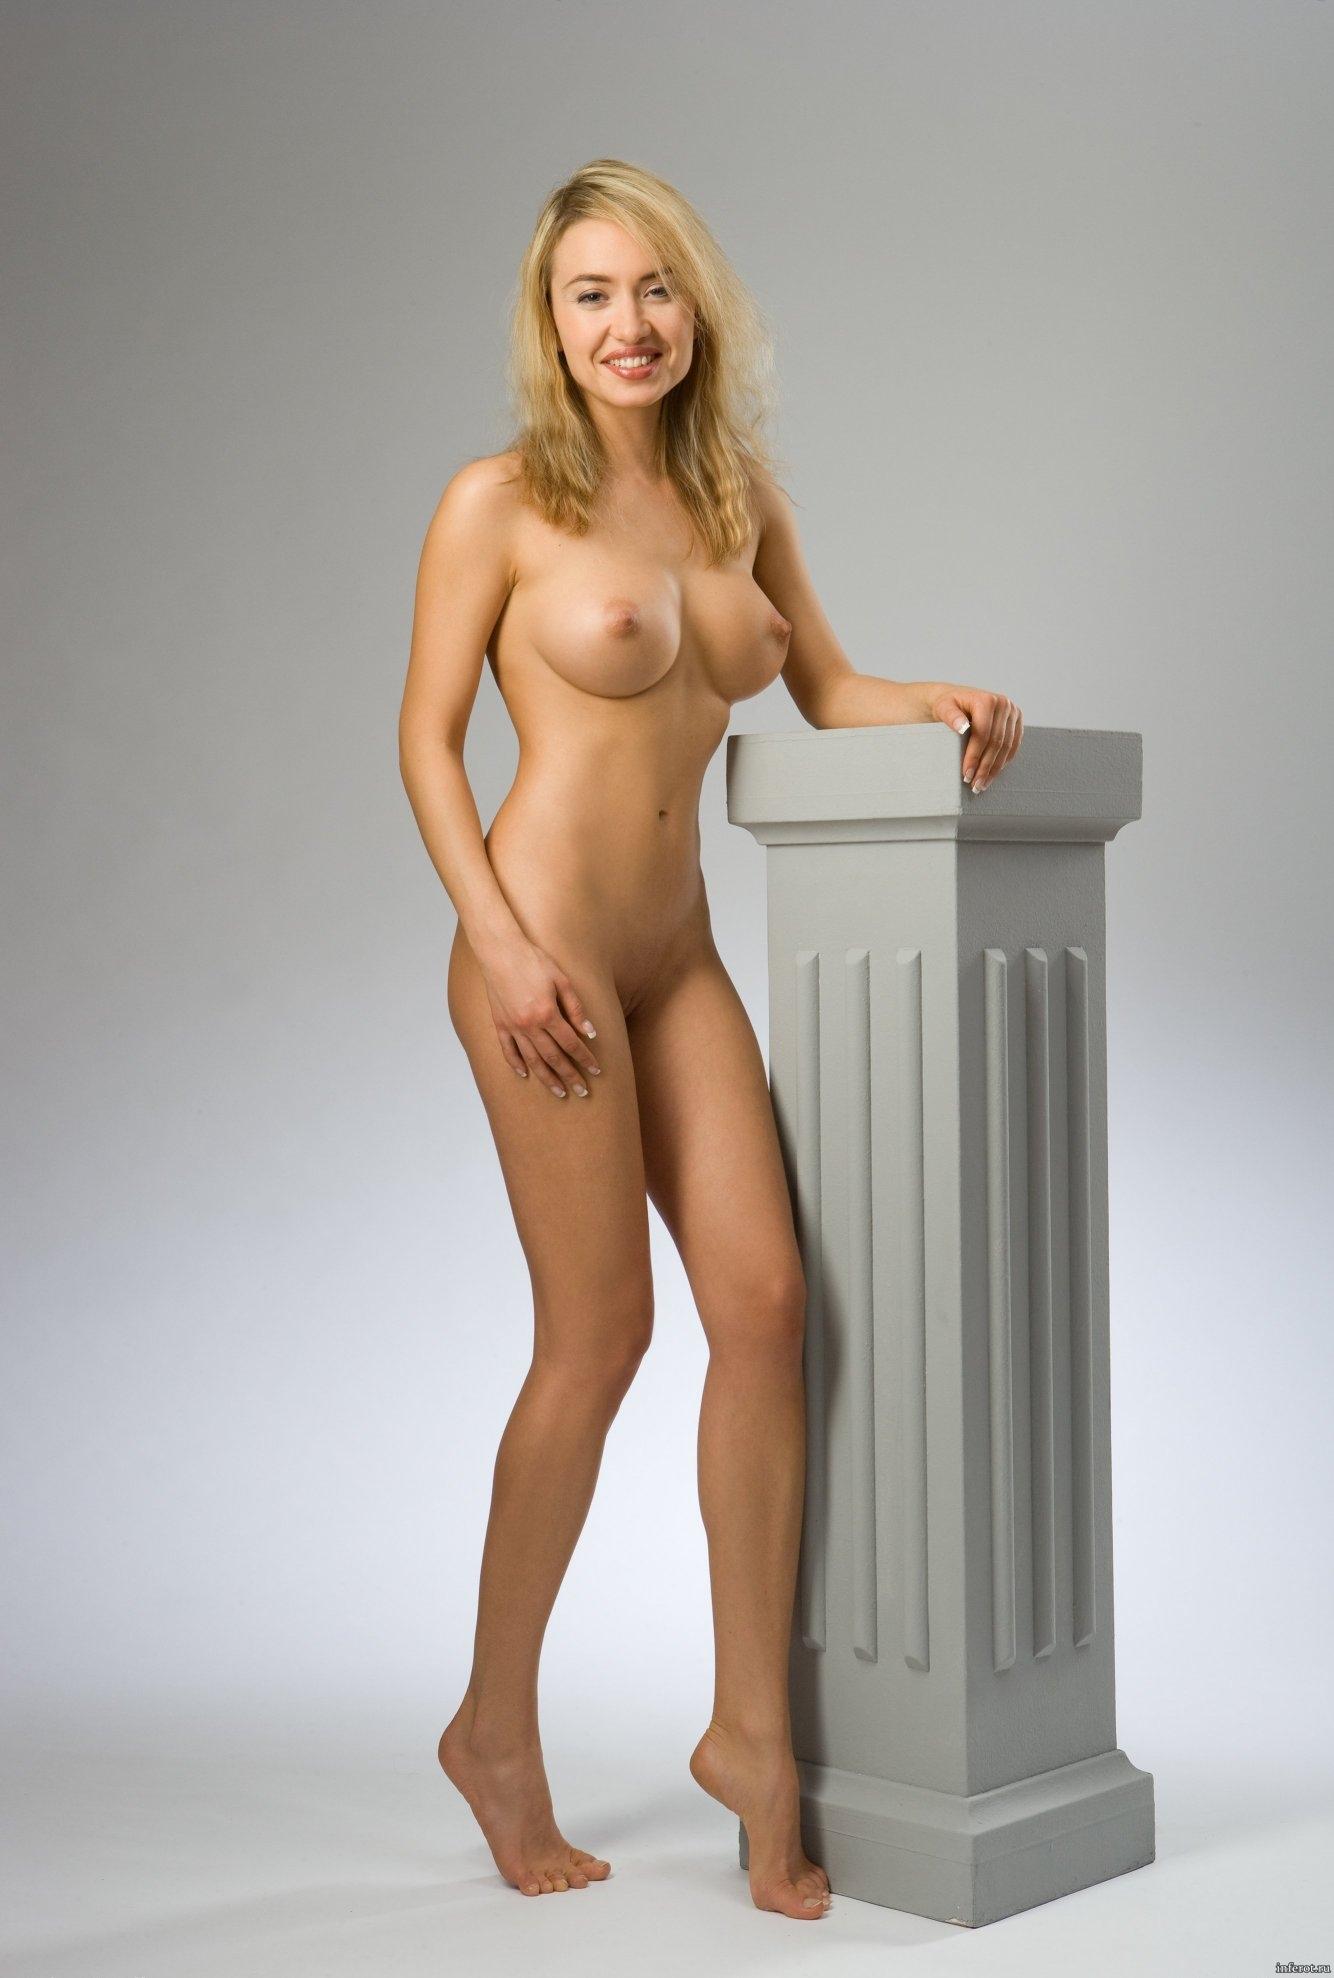 Фото голая с потрясающей фигурой фото 268-667